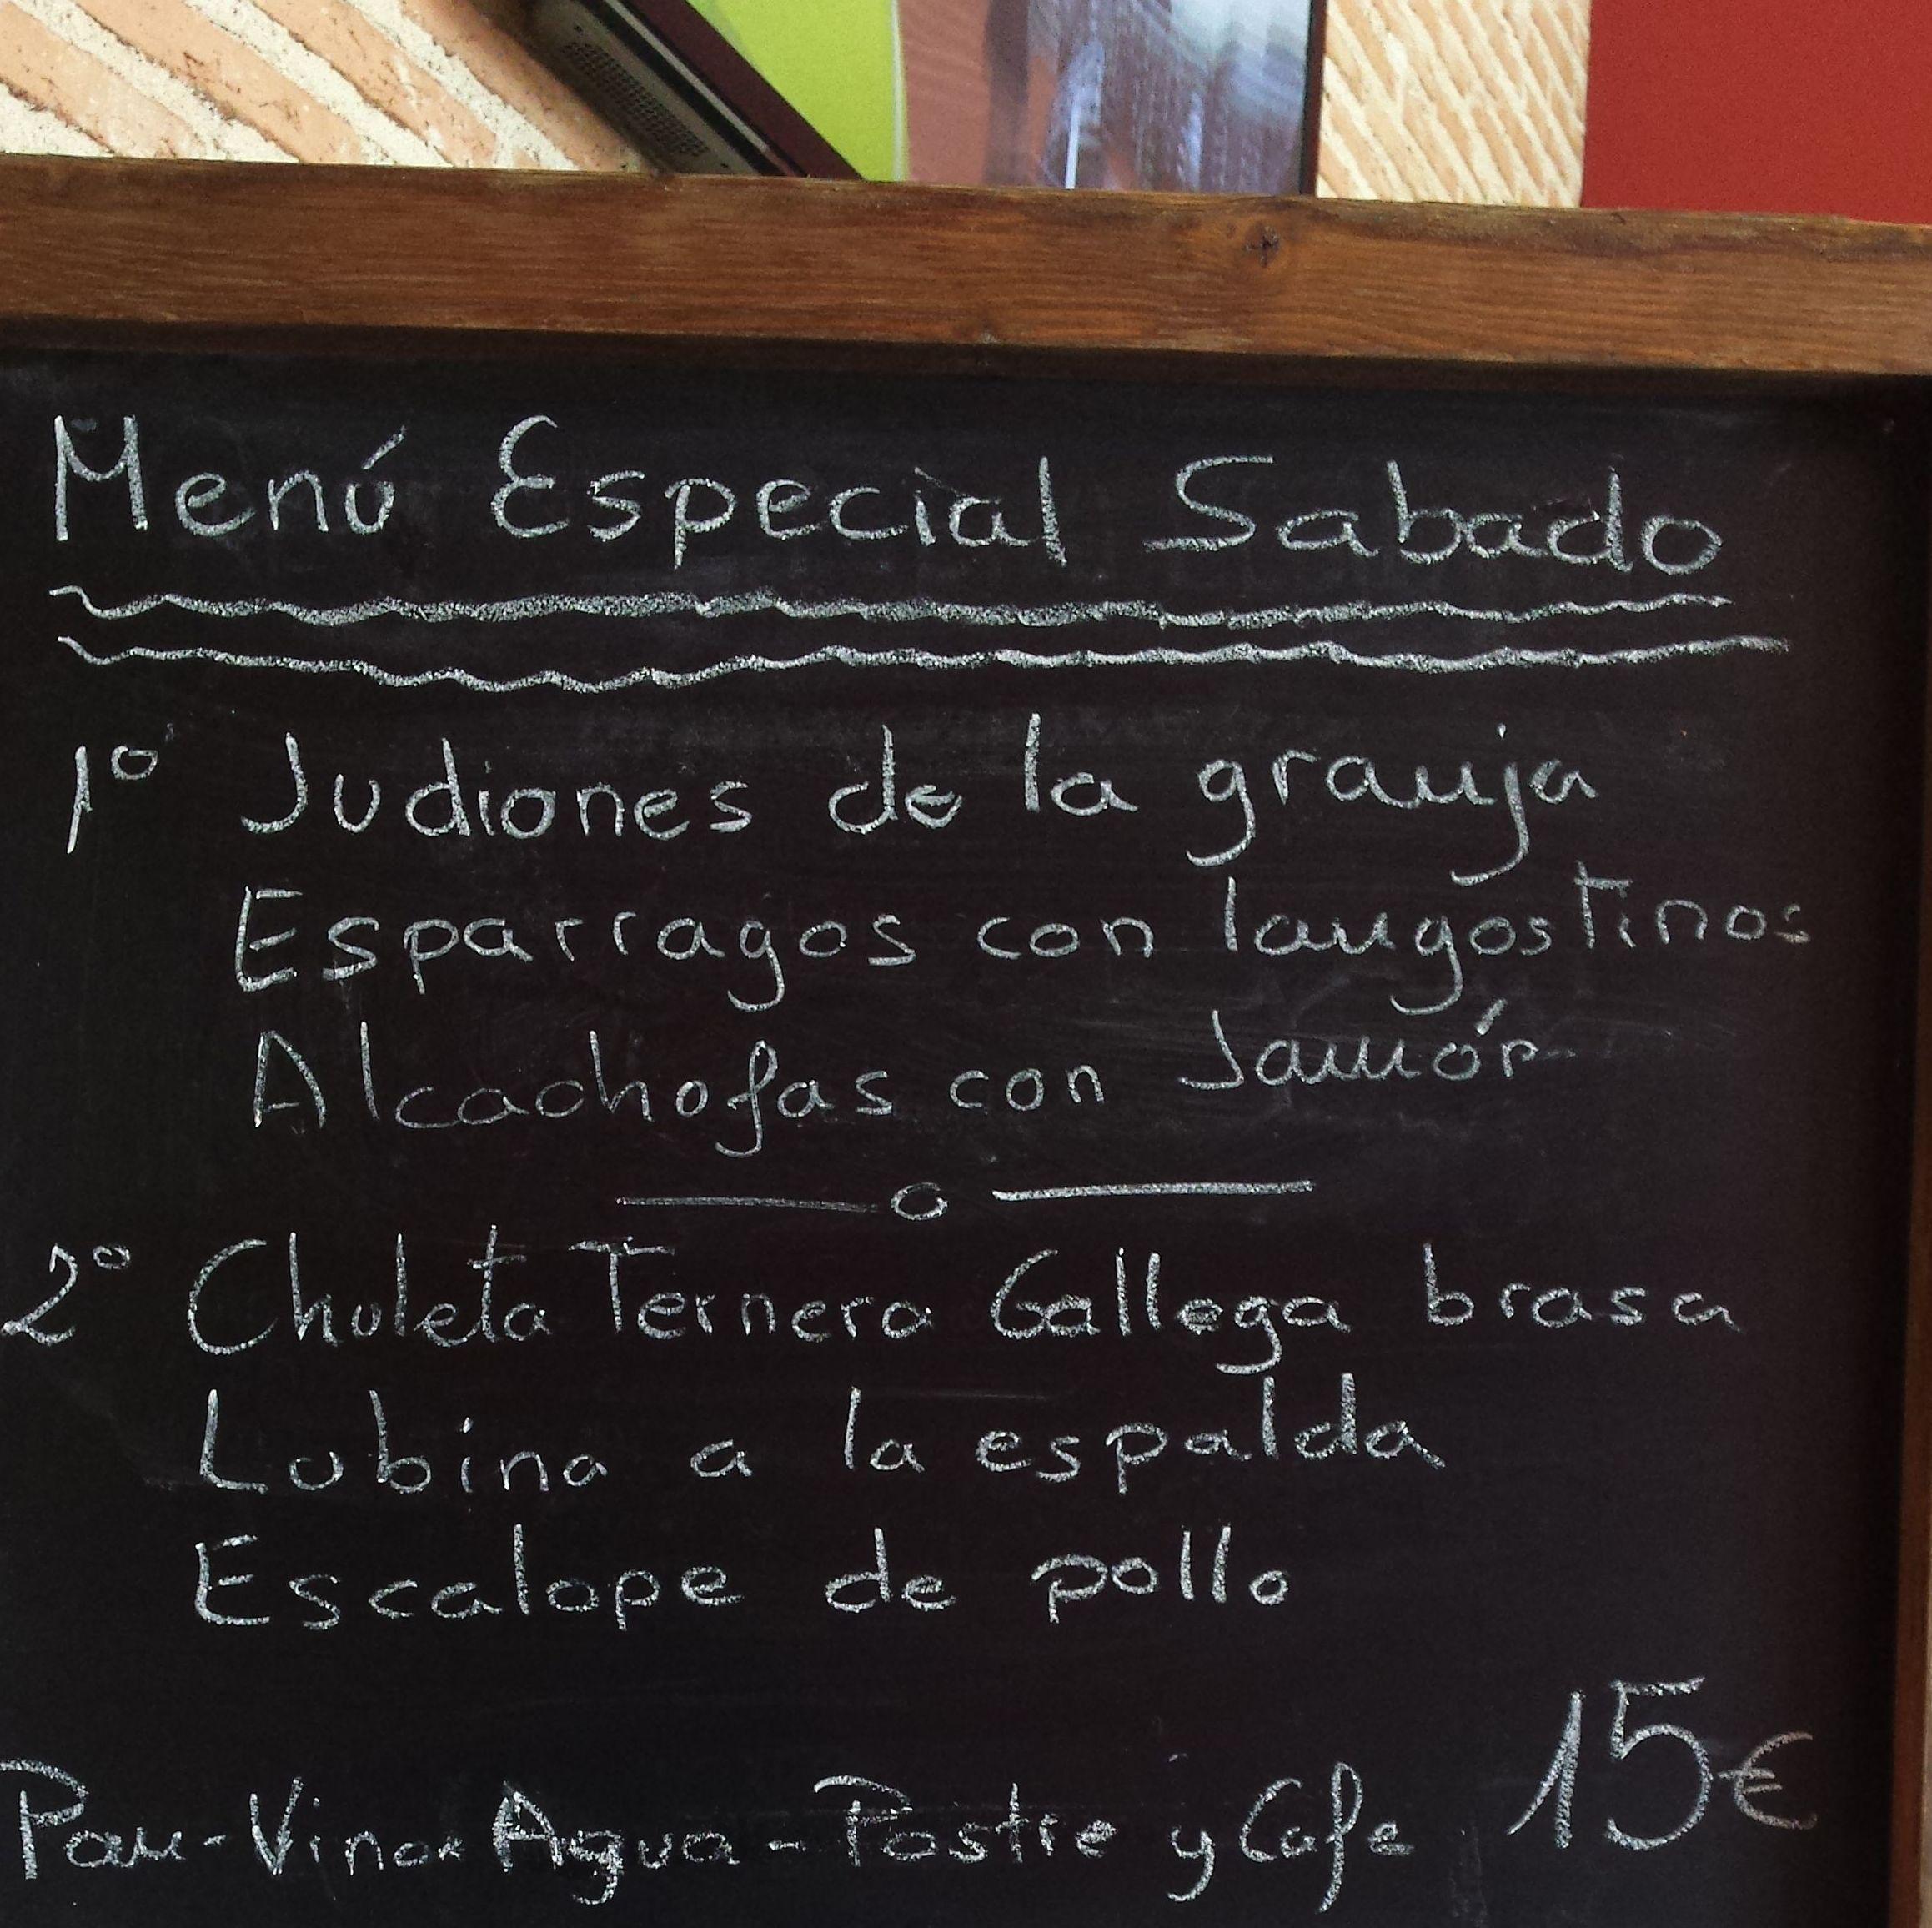 Foto 23 de Cocina castellana en Madrid | Restaurante Gonzalo